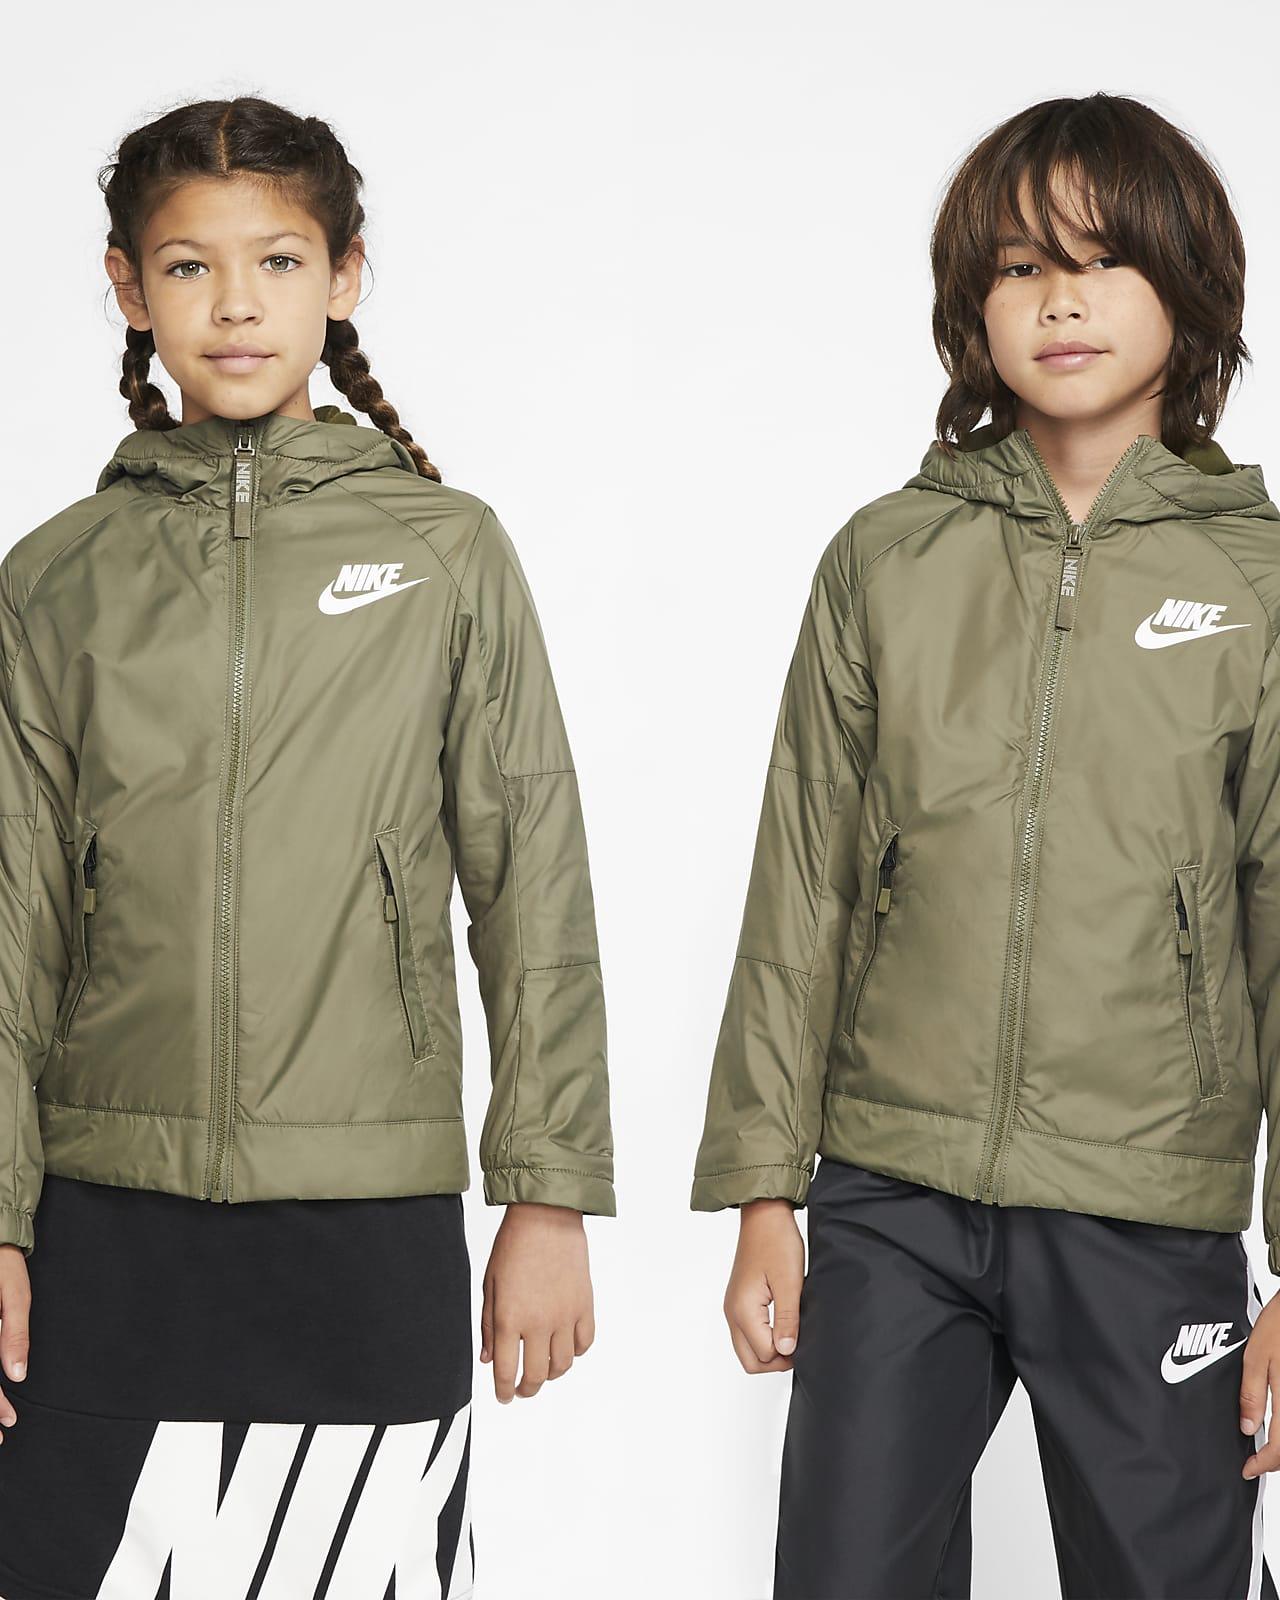 Fleecejacka Nike Sportswear för ungdom (killar)